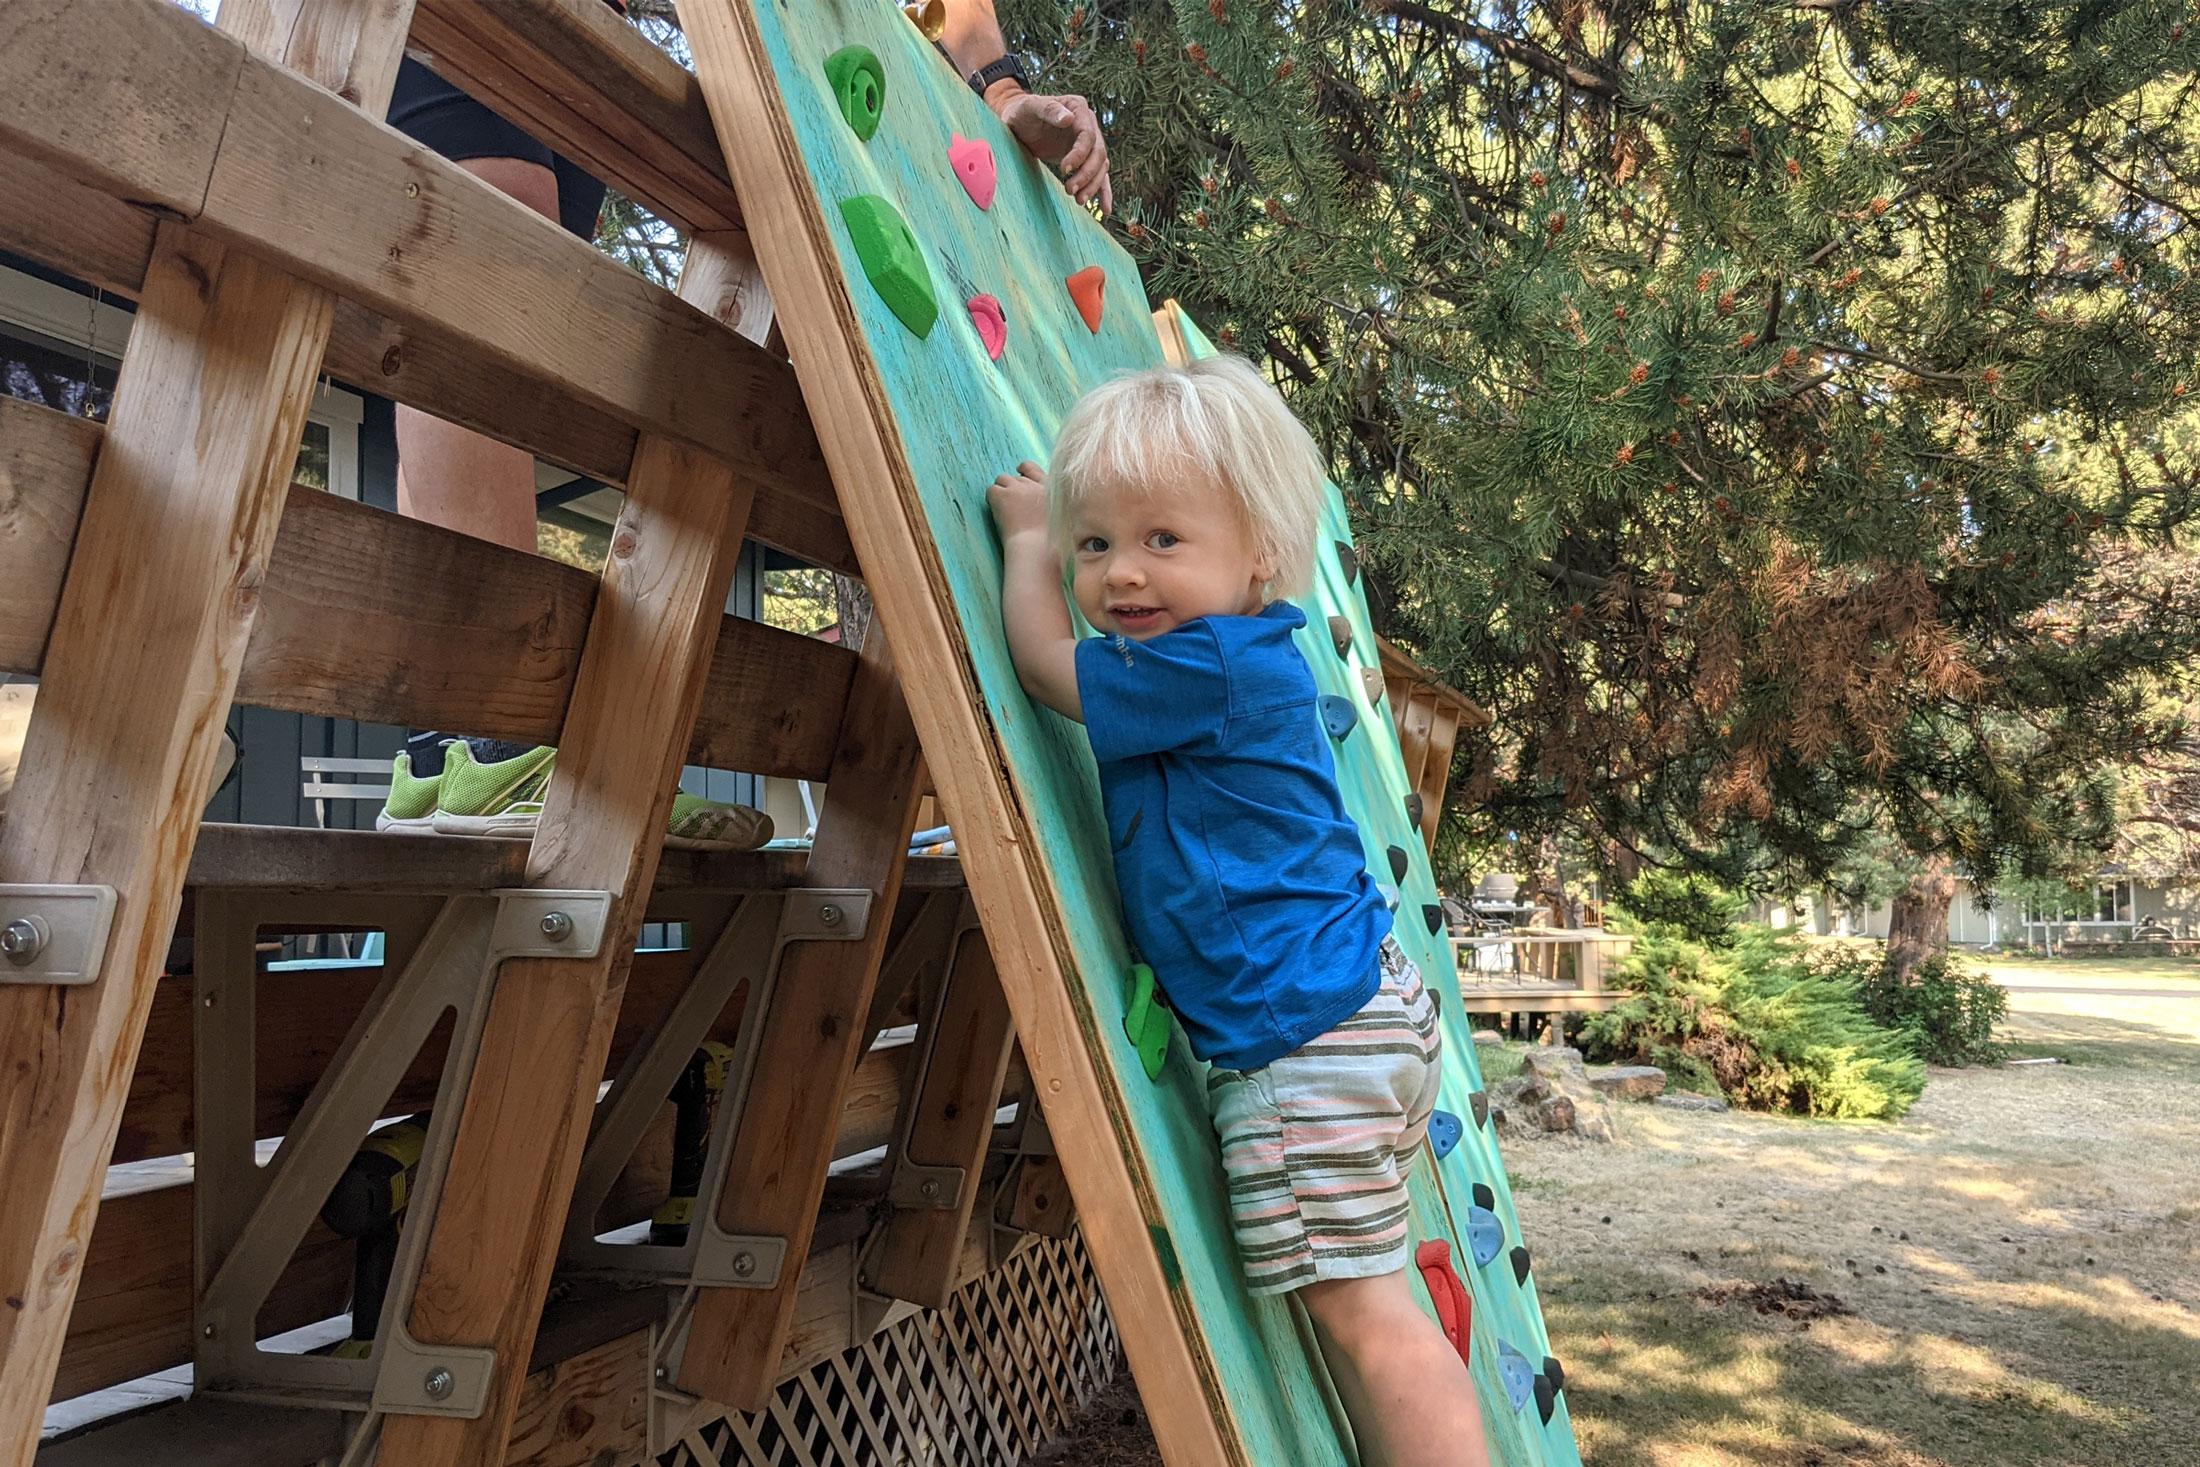 dyi climbing wall for kids